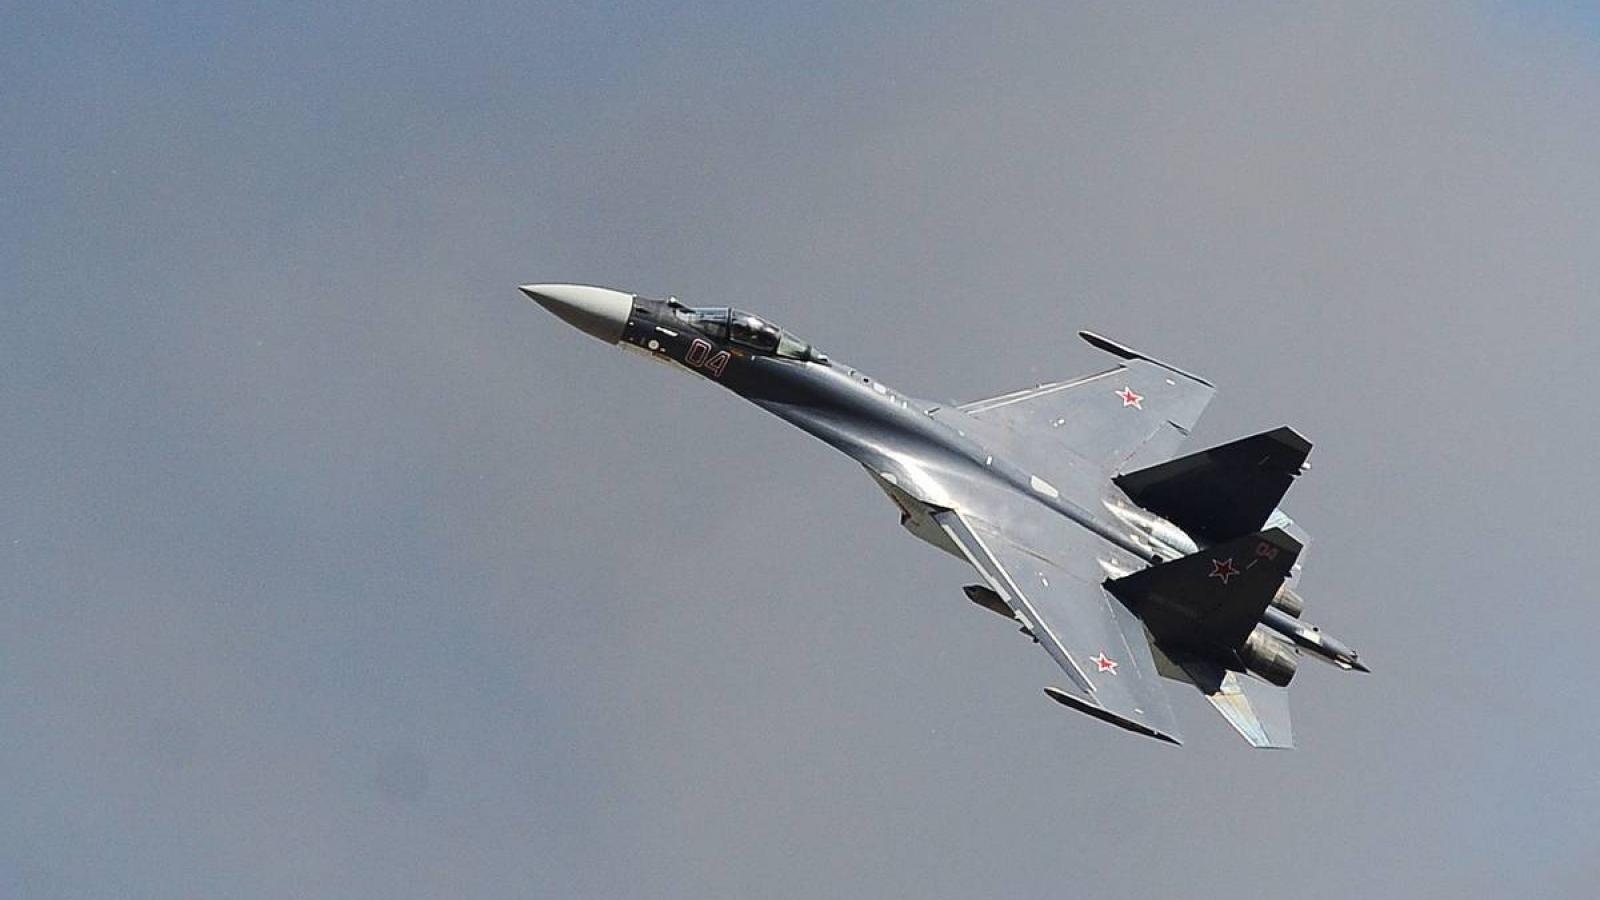 Tiêm kích Su-35 của Nga chặn máy bay trinh sát Mỹ trên Thái Bình Dương